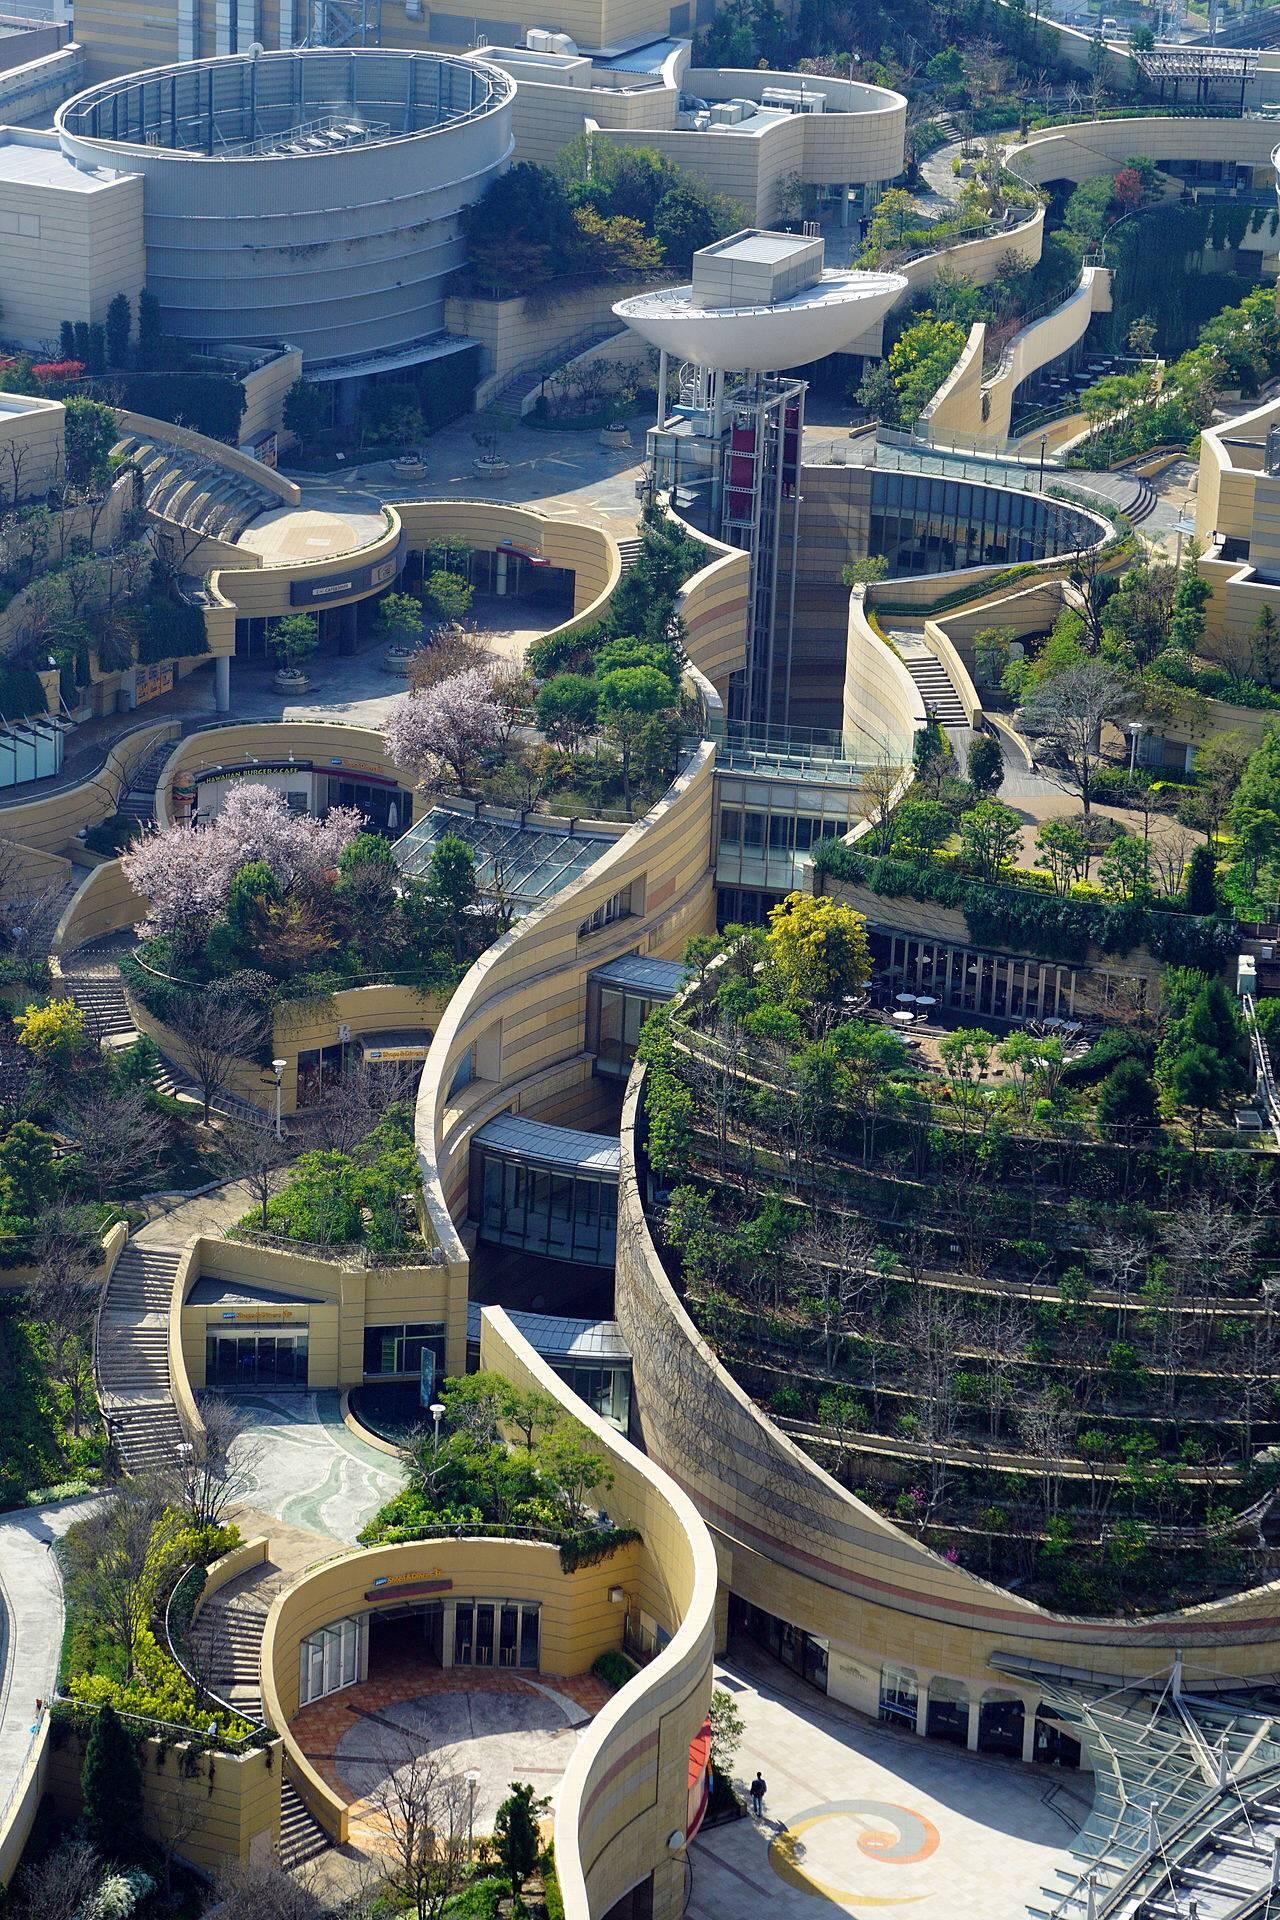 【画像】大阪、近未来都市すぎるwwwwwwwwwwwwwwwwwwwwwのサムネイル画像